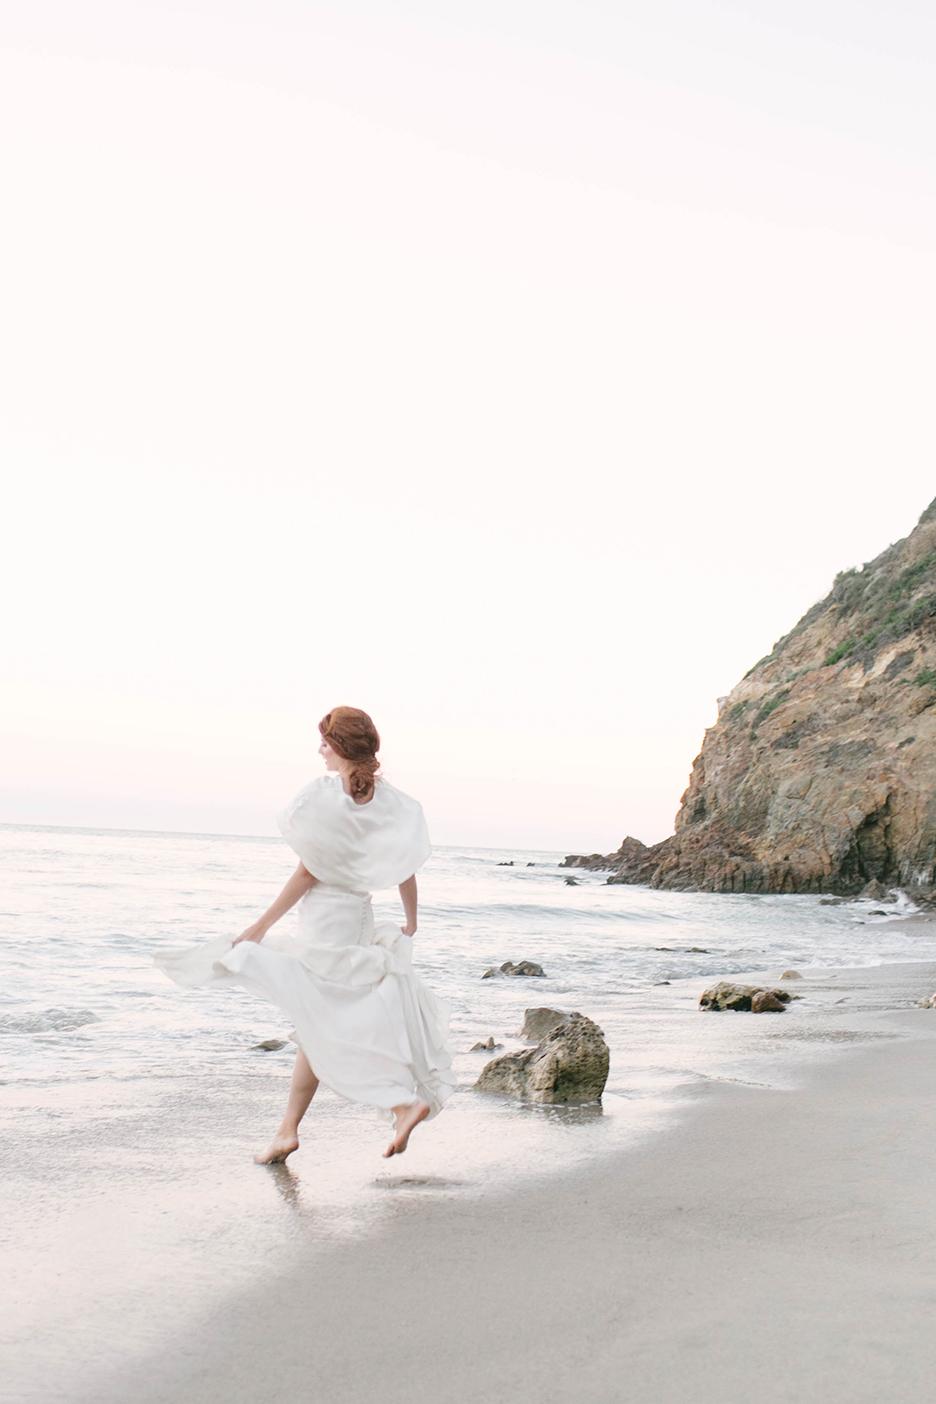 Stephanie_Fishbein_Photography-248.jpg